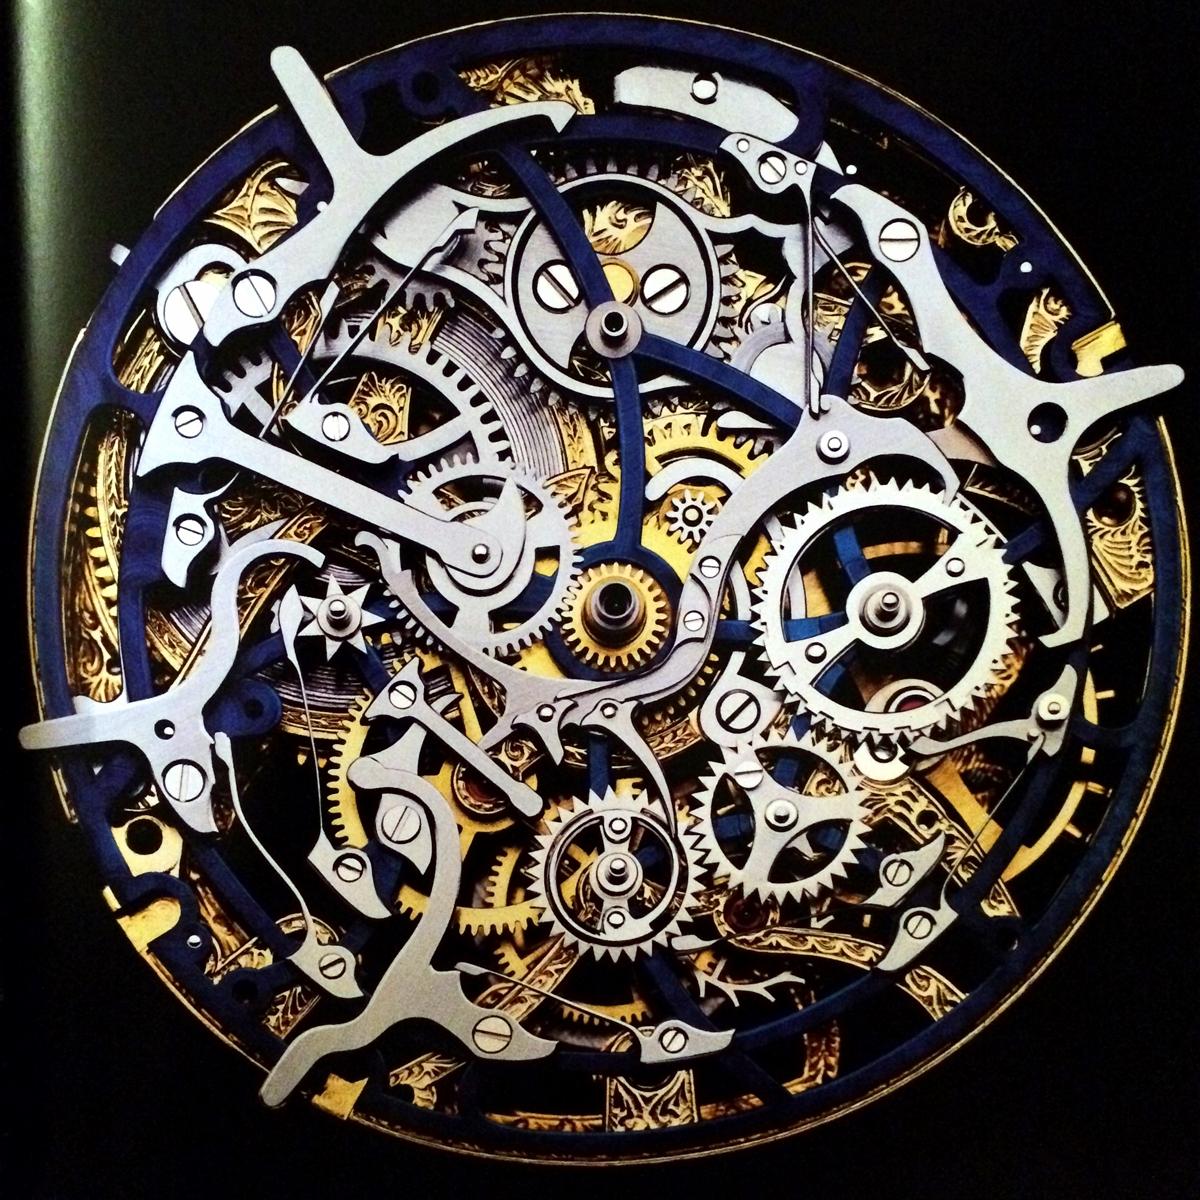 20 luxurious_watch_design_clockworks_construction_luksusowe_zegarki_mechanizm_projektowanie_lifestyle